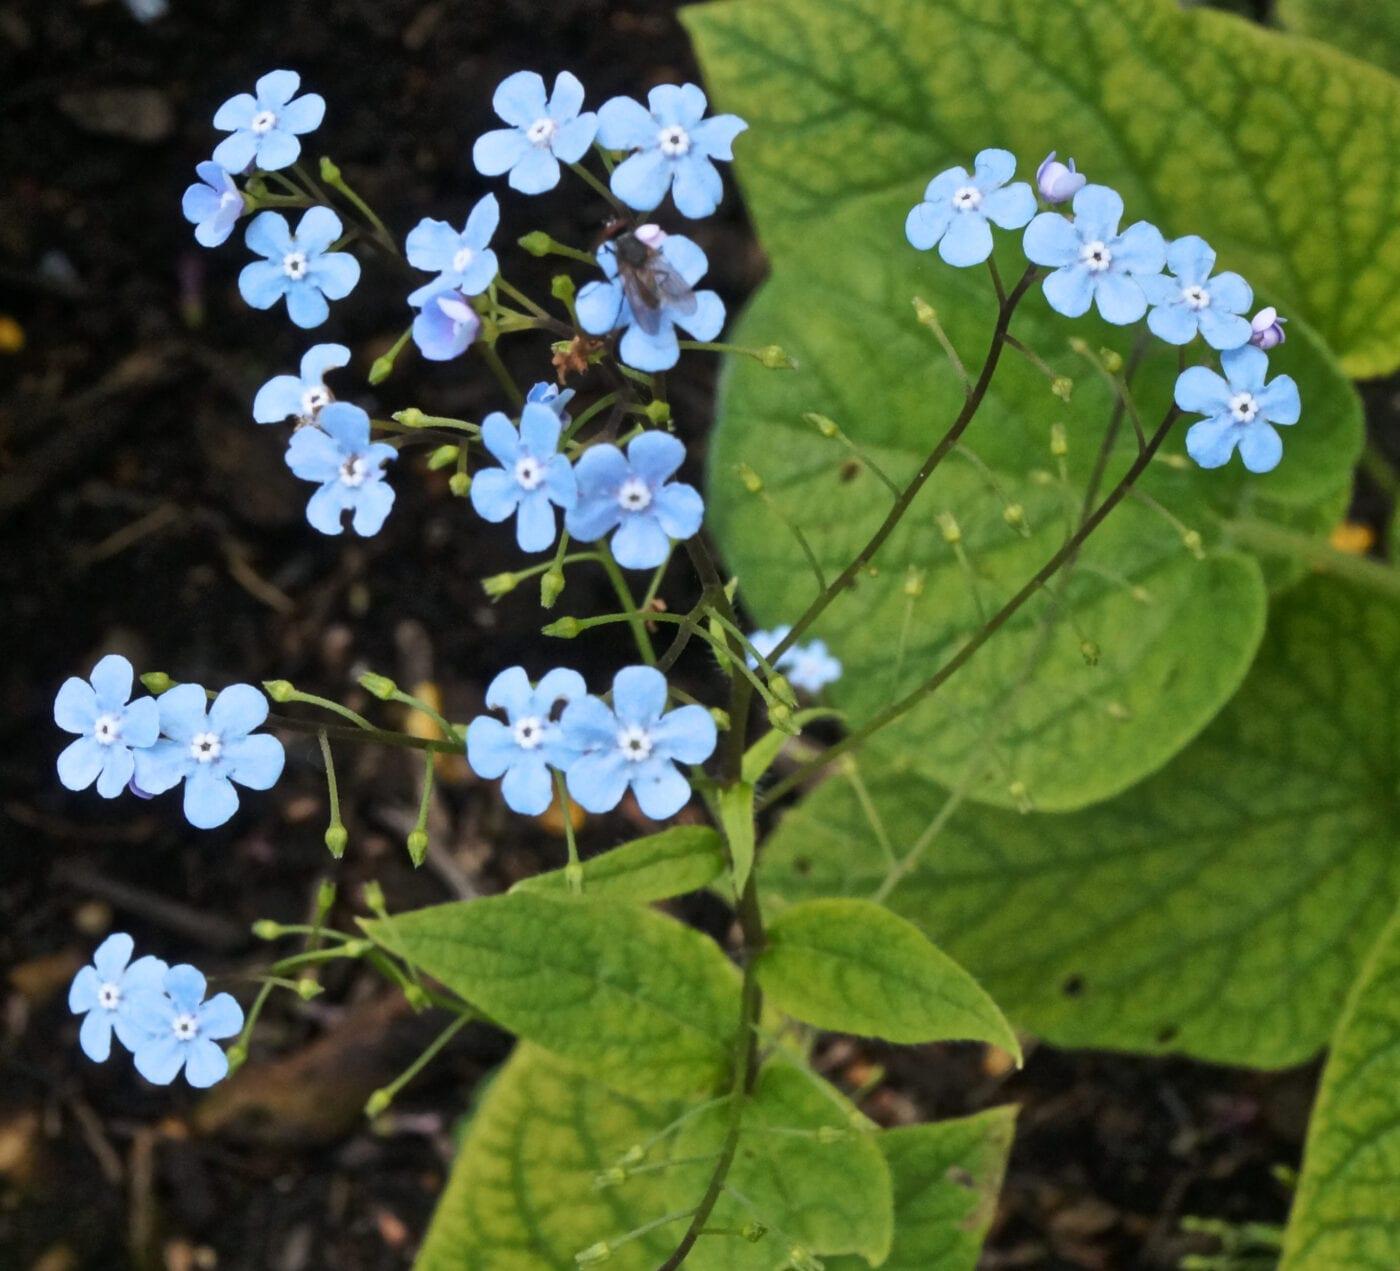 Siberian Bugloss flowers